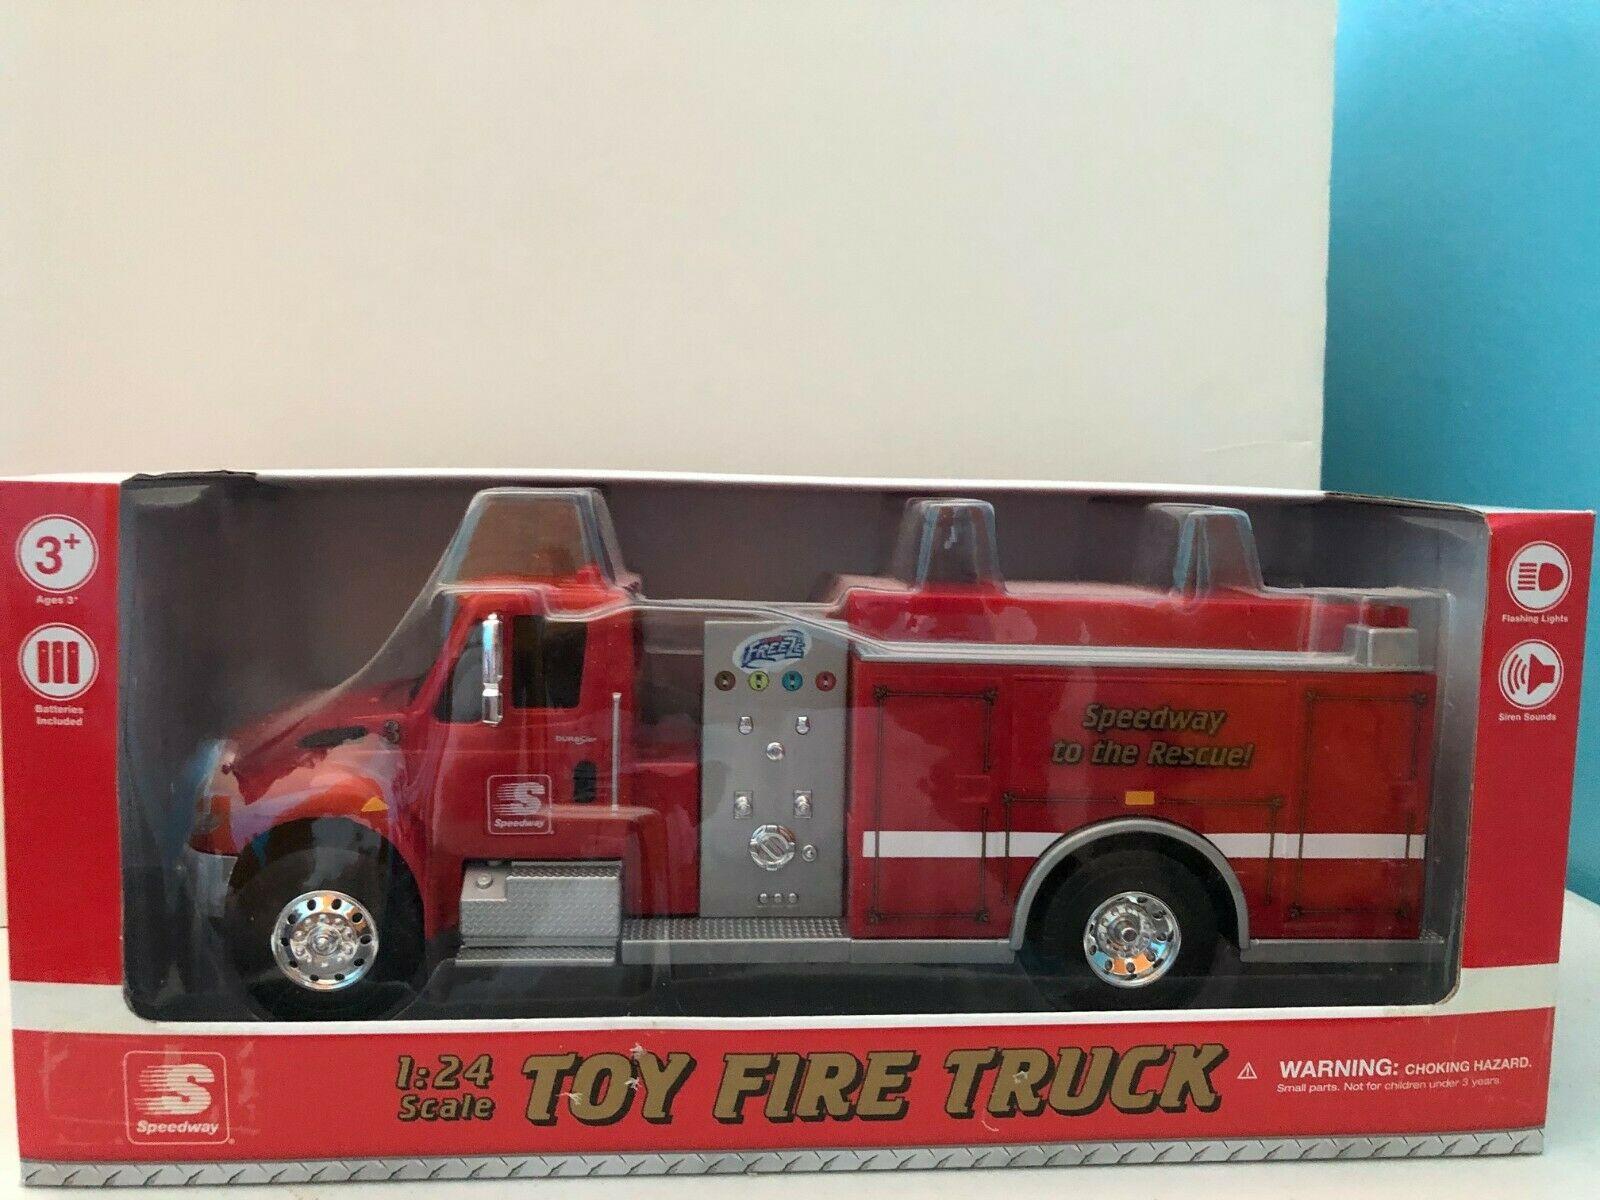 First Gear Die-Cast Speedway Fire Truck NRFB 1:24 Scale